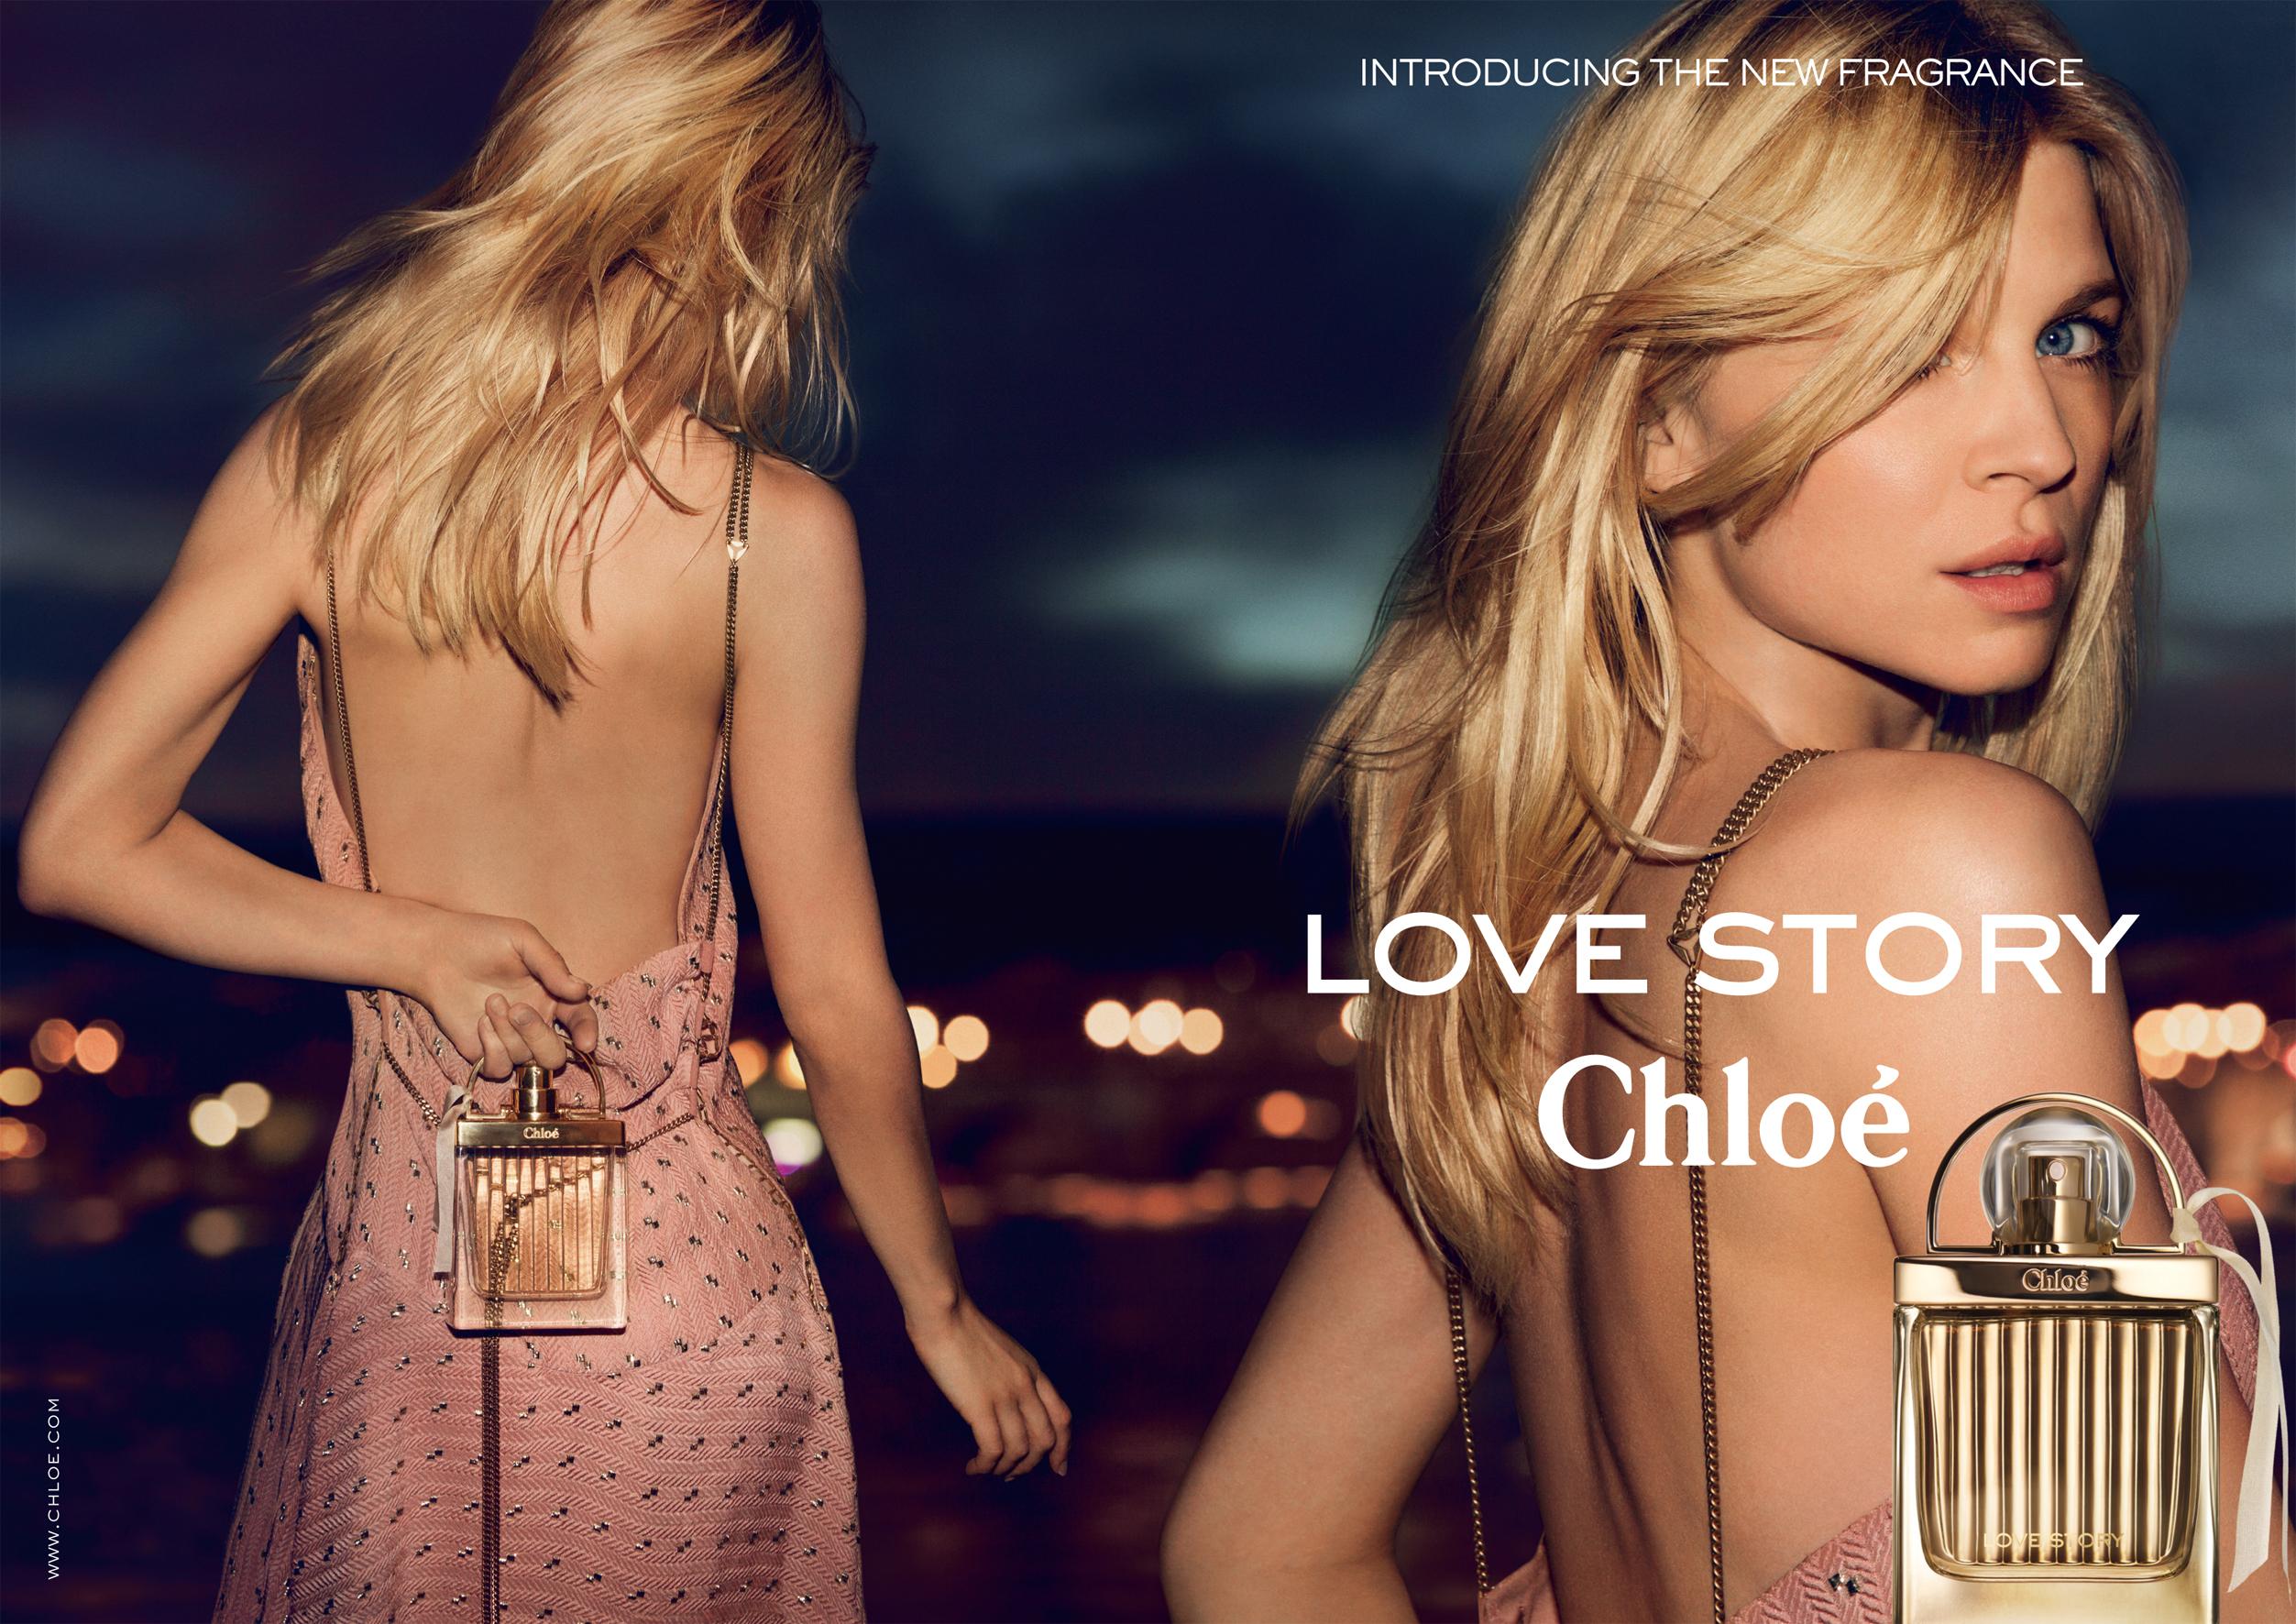 CHLOE LOVE STORY visual